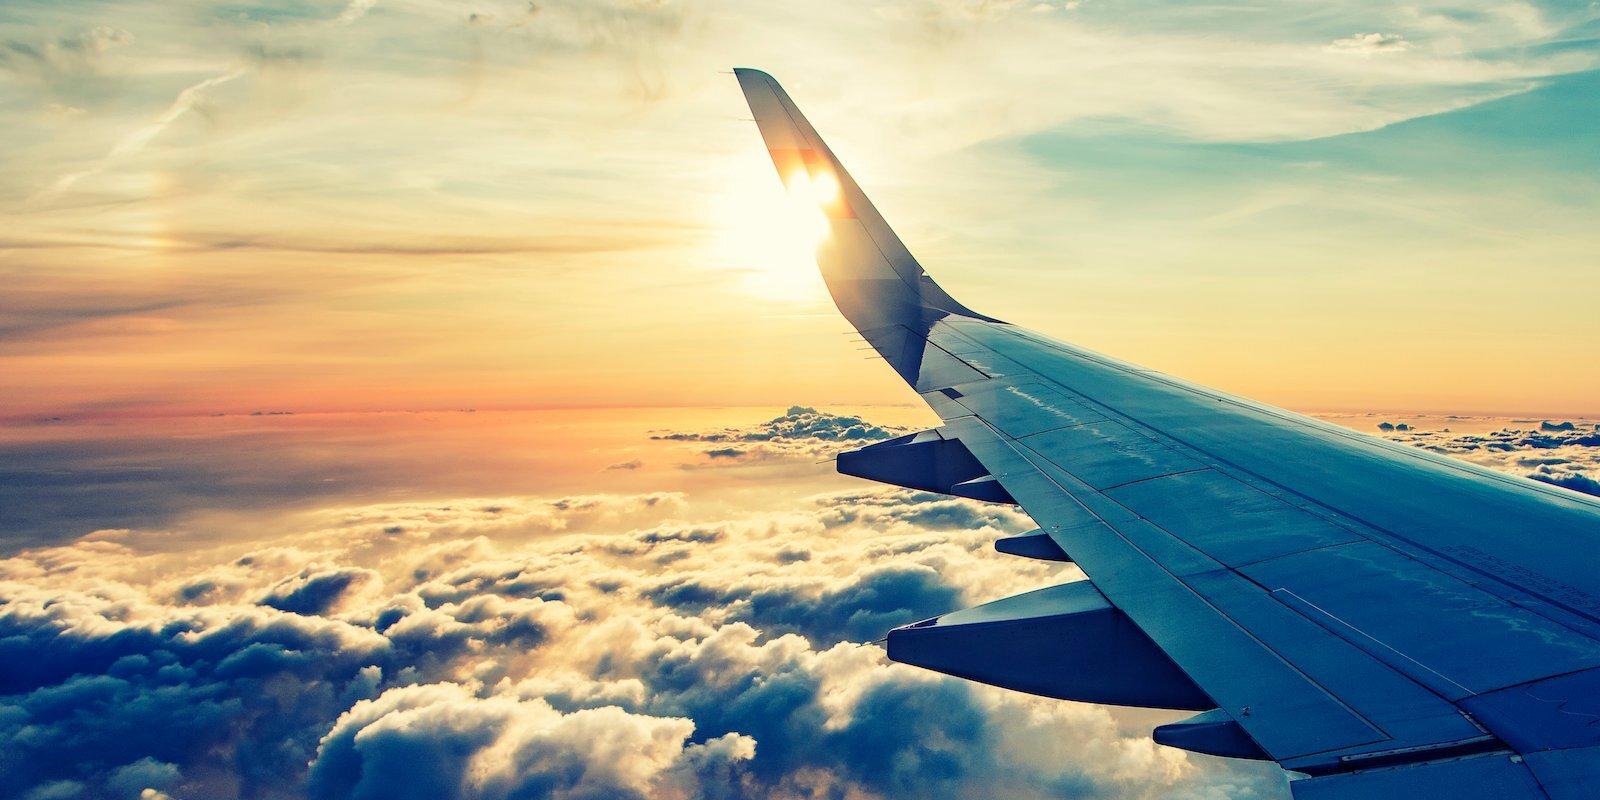 """""""Ни разу не предъявили сертификат"""": действительно ли невакцинированным сложнее путешествовать?"""